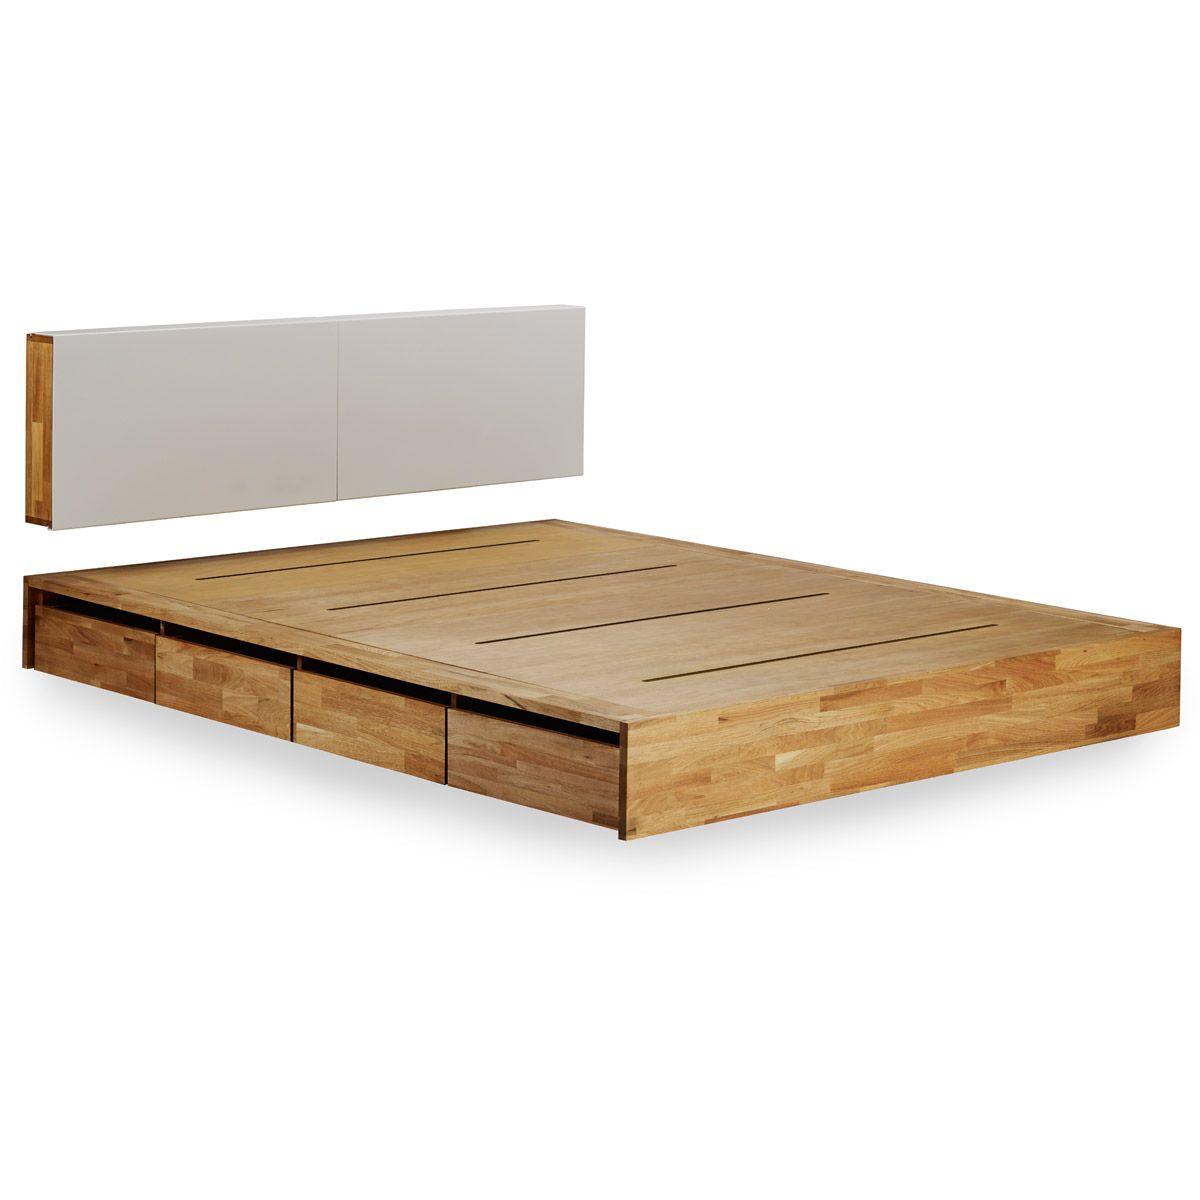 LAX Platform Bed W/ Storage | MASH Studios | HORNE